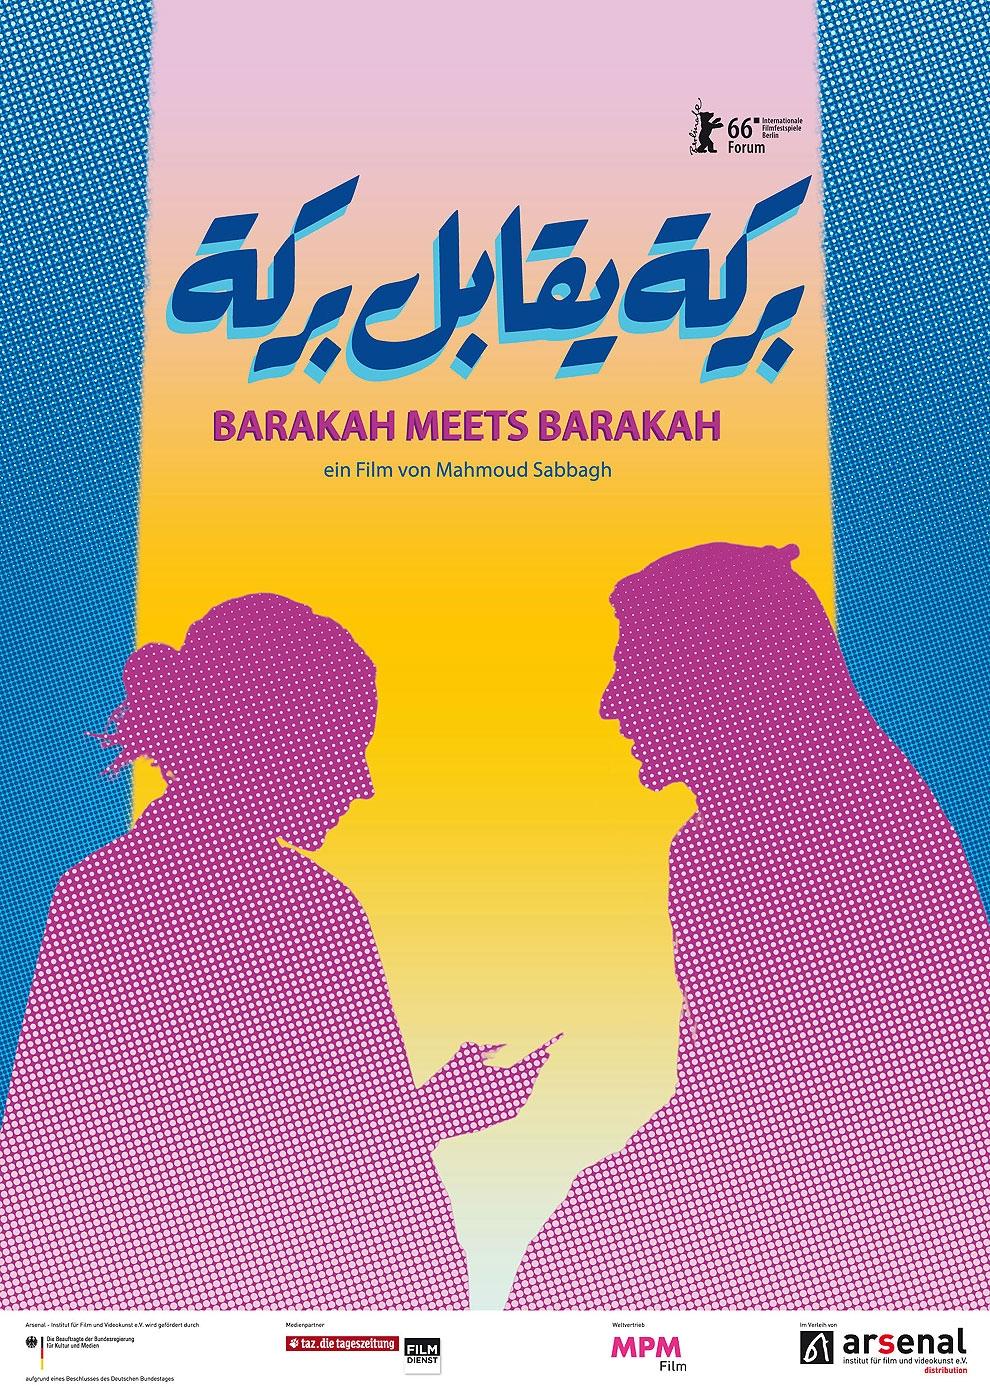 Barakah Meets Barakah (Poster)